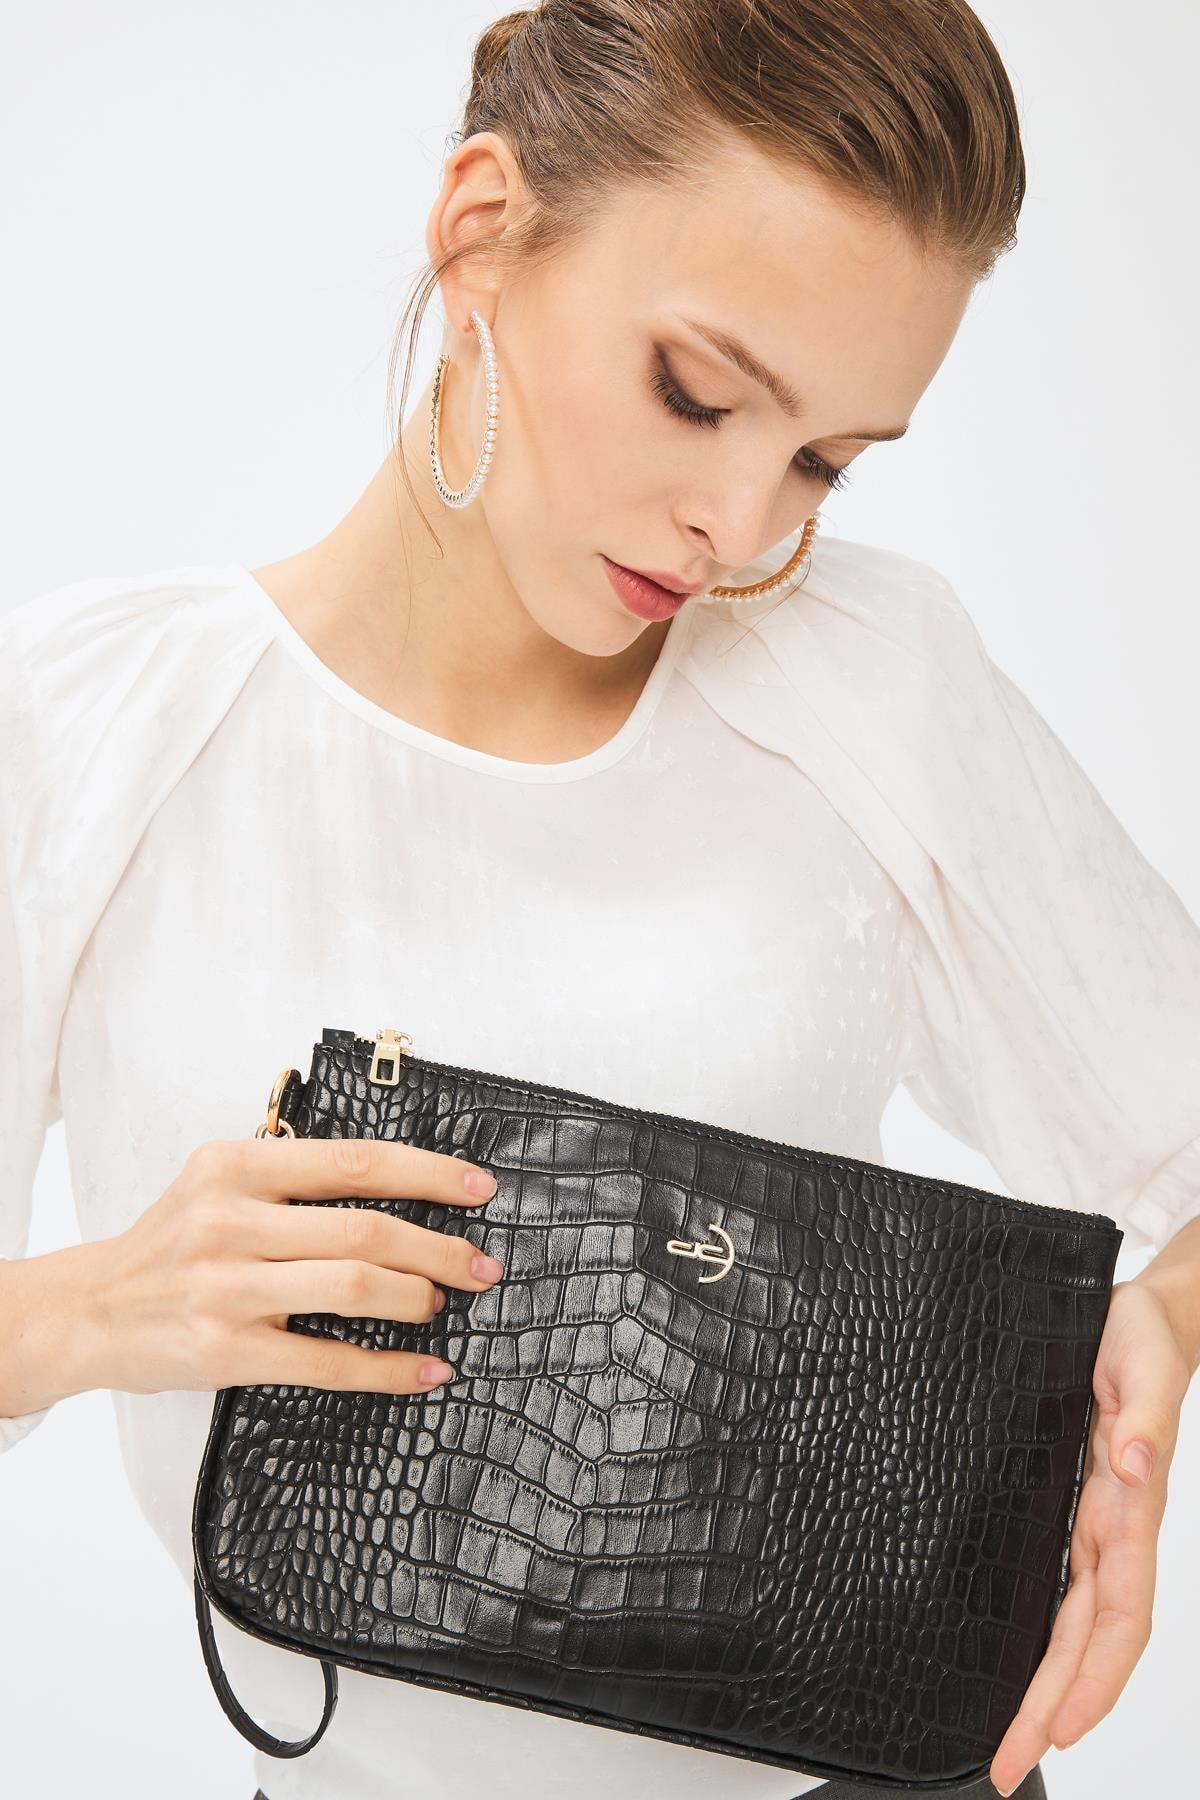 Deri Company Kadın Basic Clutch Çanta Kroko Timsah Desen Siyah 214002 2